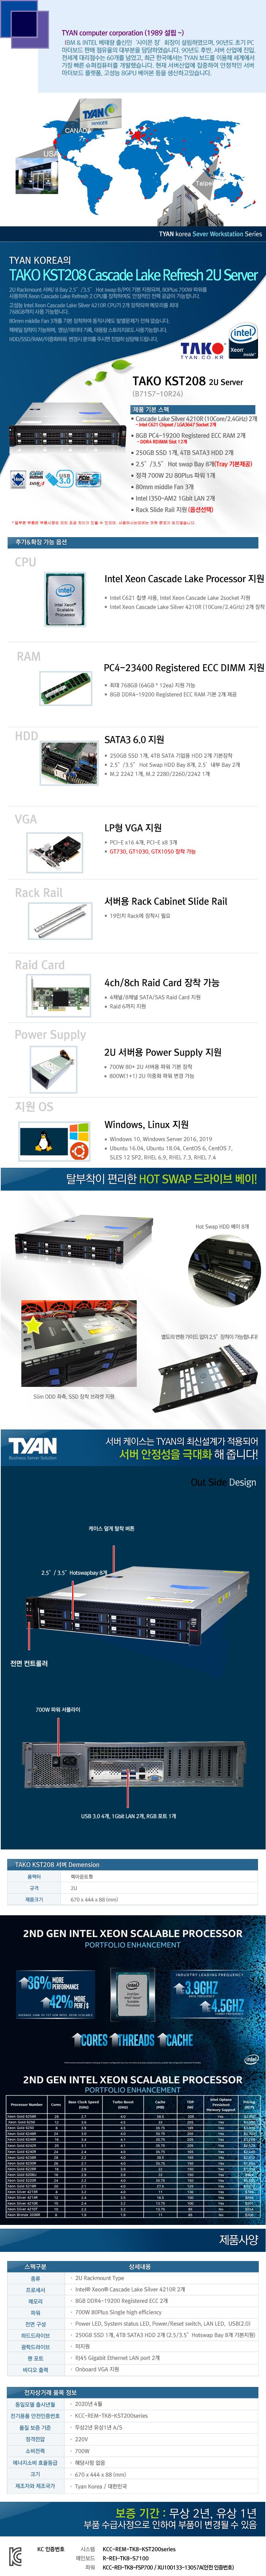 TYAN TAKO-KST208-(B71S7-10R24) (16GB, SSD 250GB + 8TB)